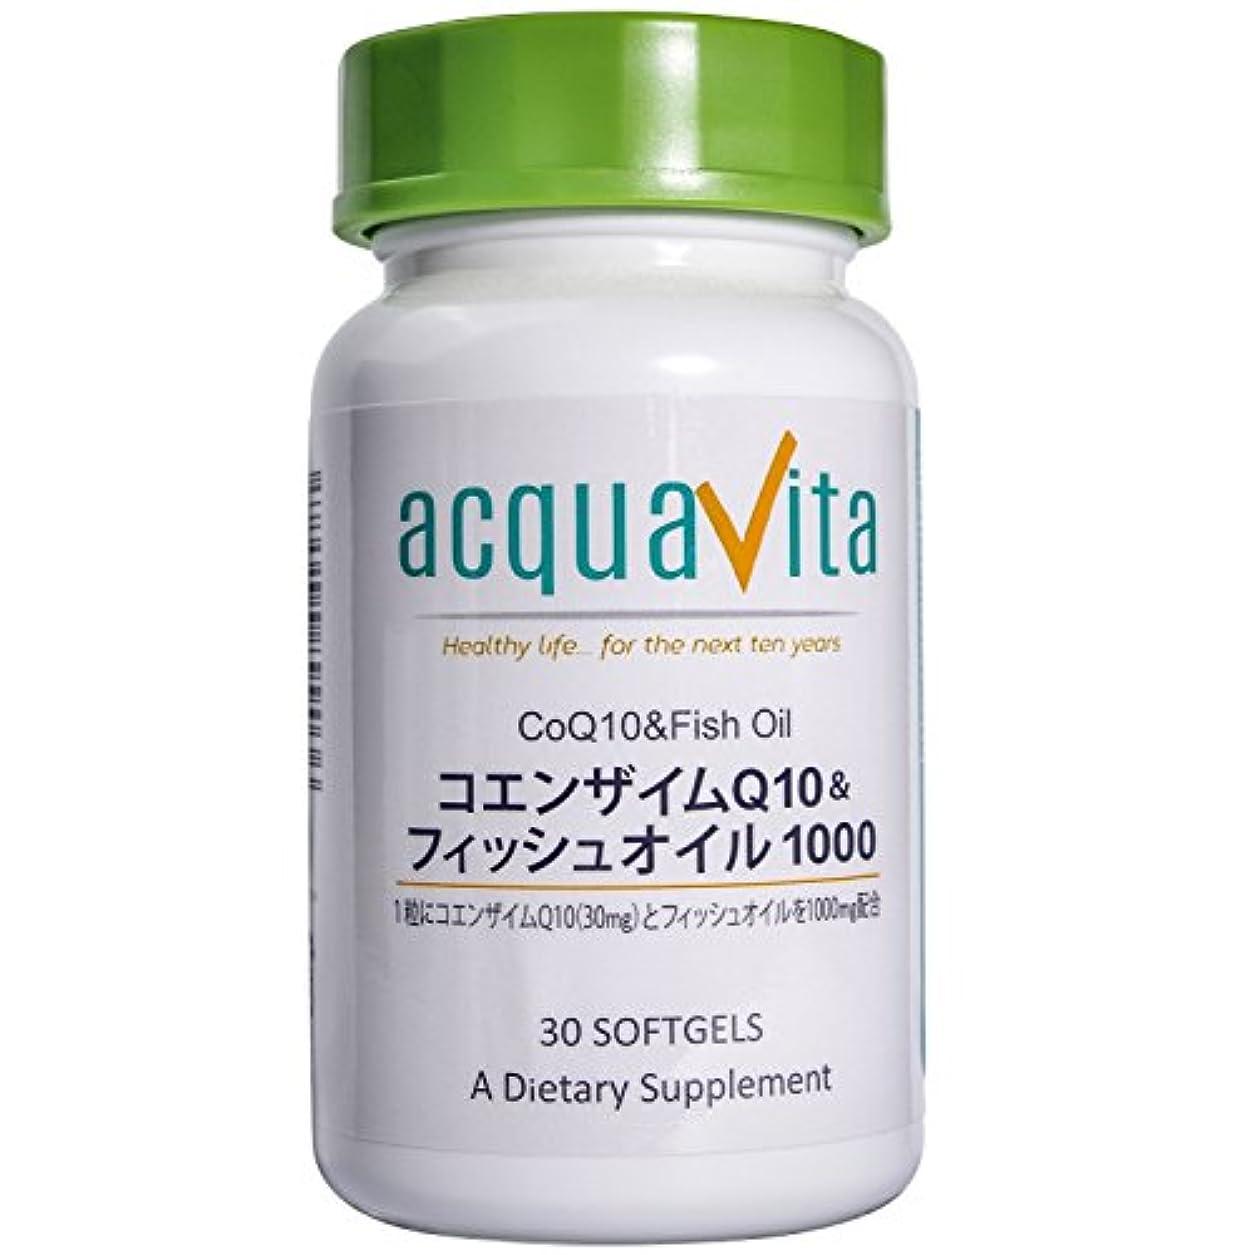 自我赤今Acqua vita(アクアヴィータ)コエンザイムQ10&フィッシュオイル1000 30粒